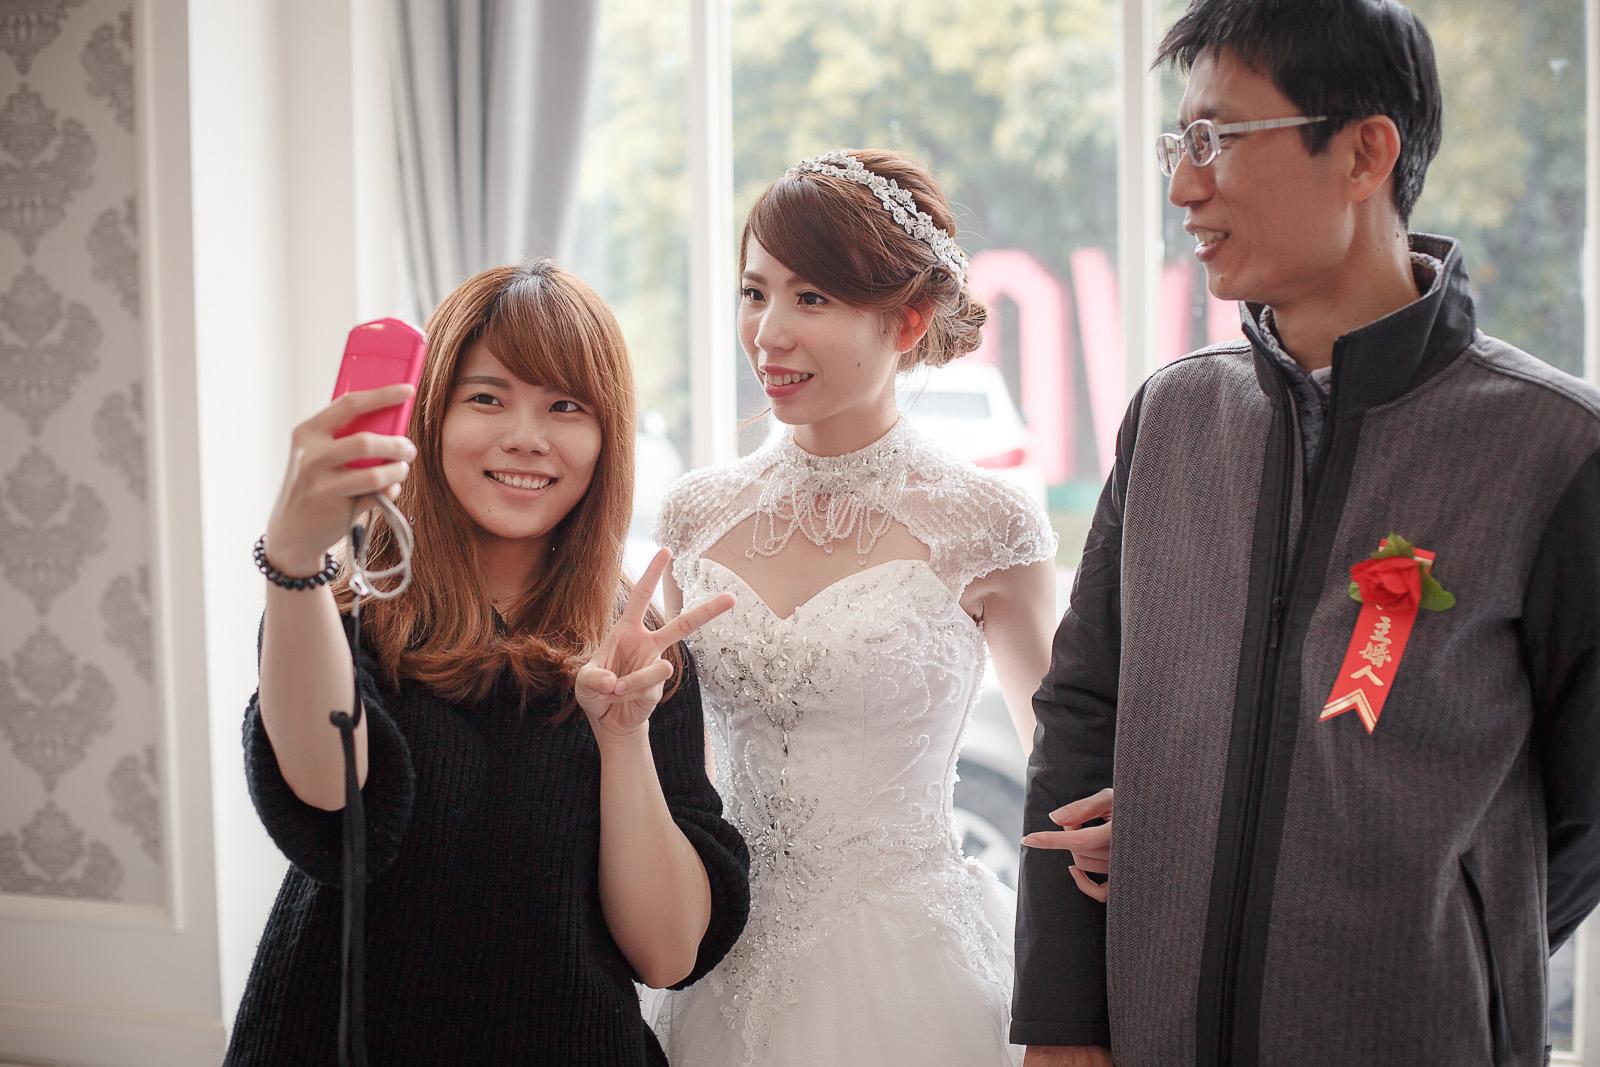 高雄圓山飯店,婚禮攝影,婚攝,高雄婚攝,優質婚攝推薦,Jen&Ethan-230